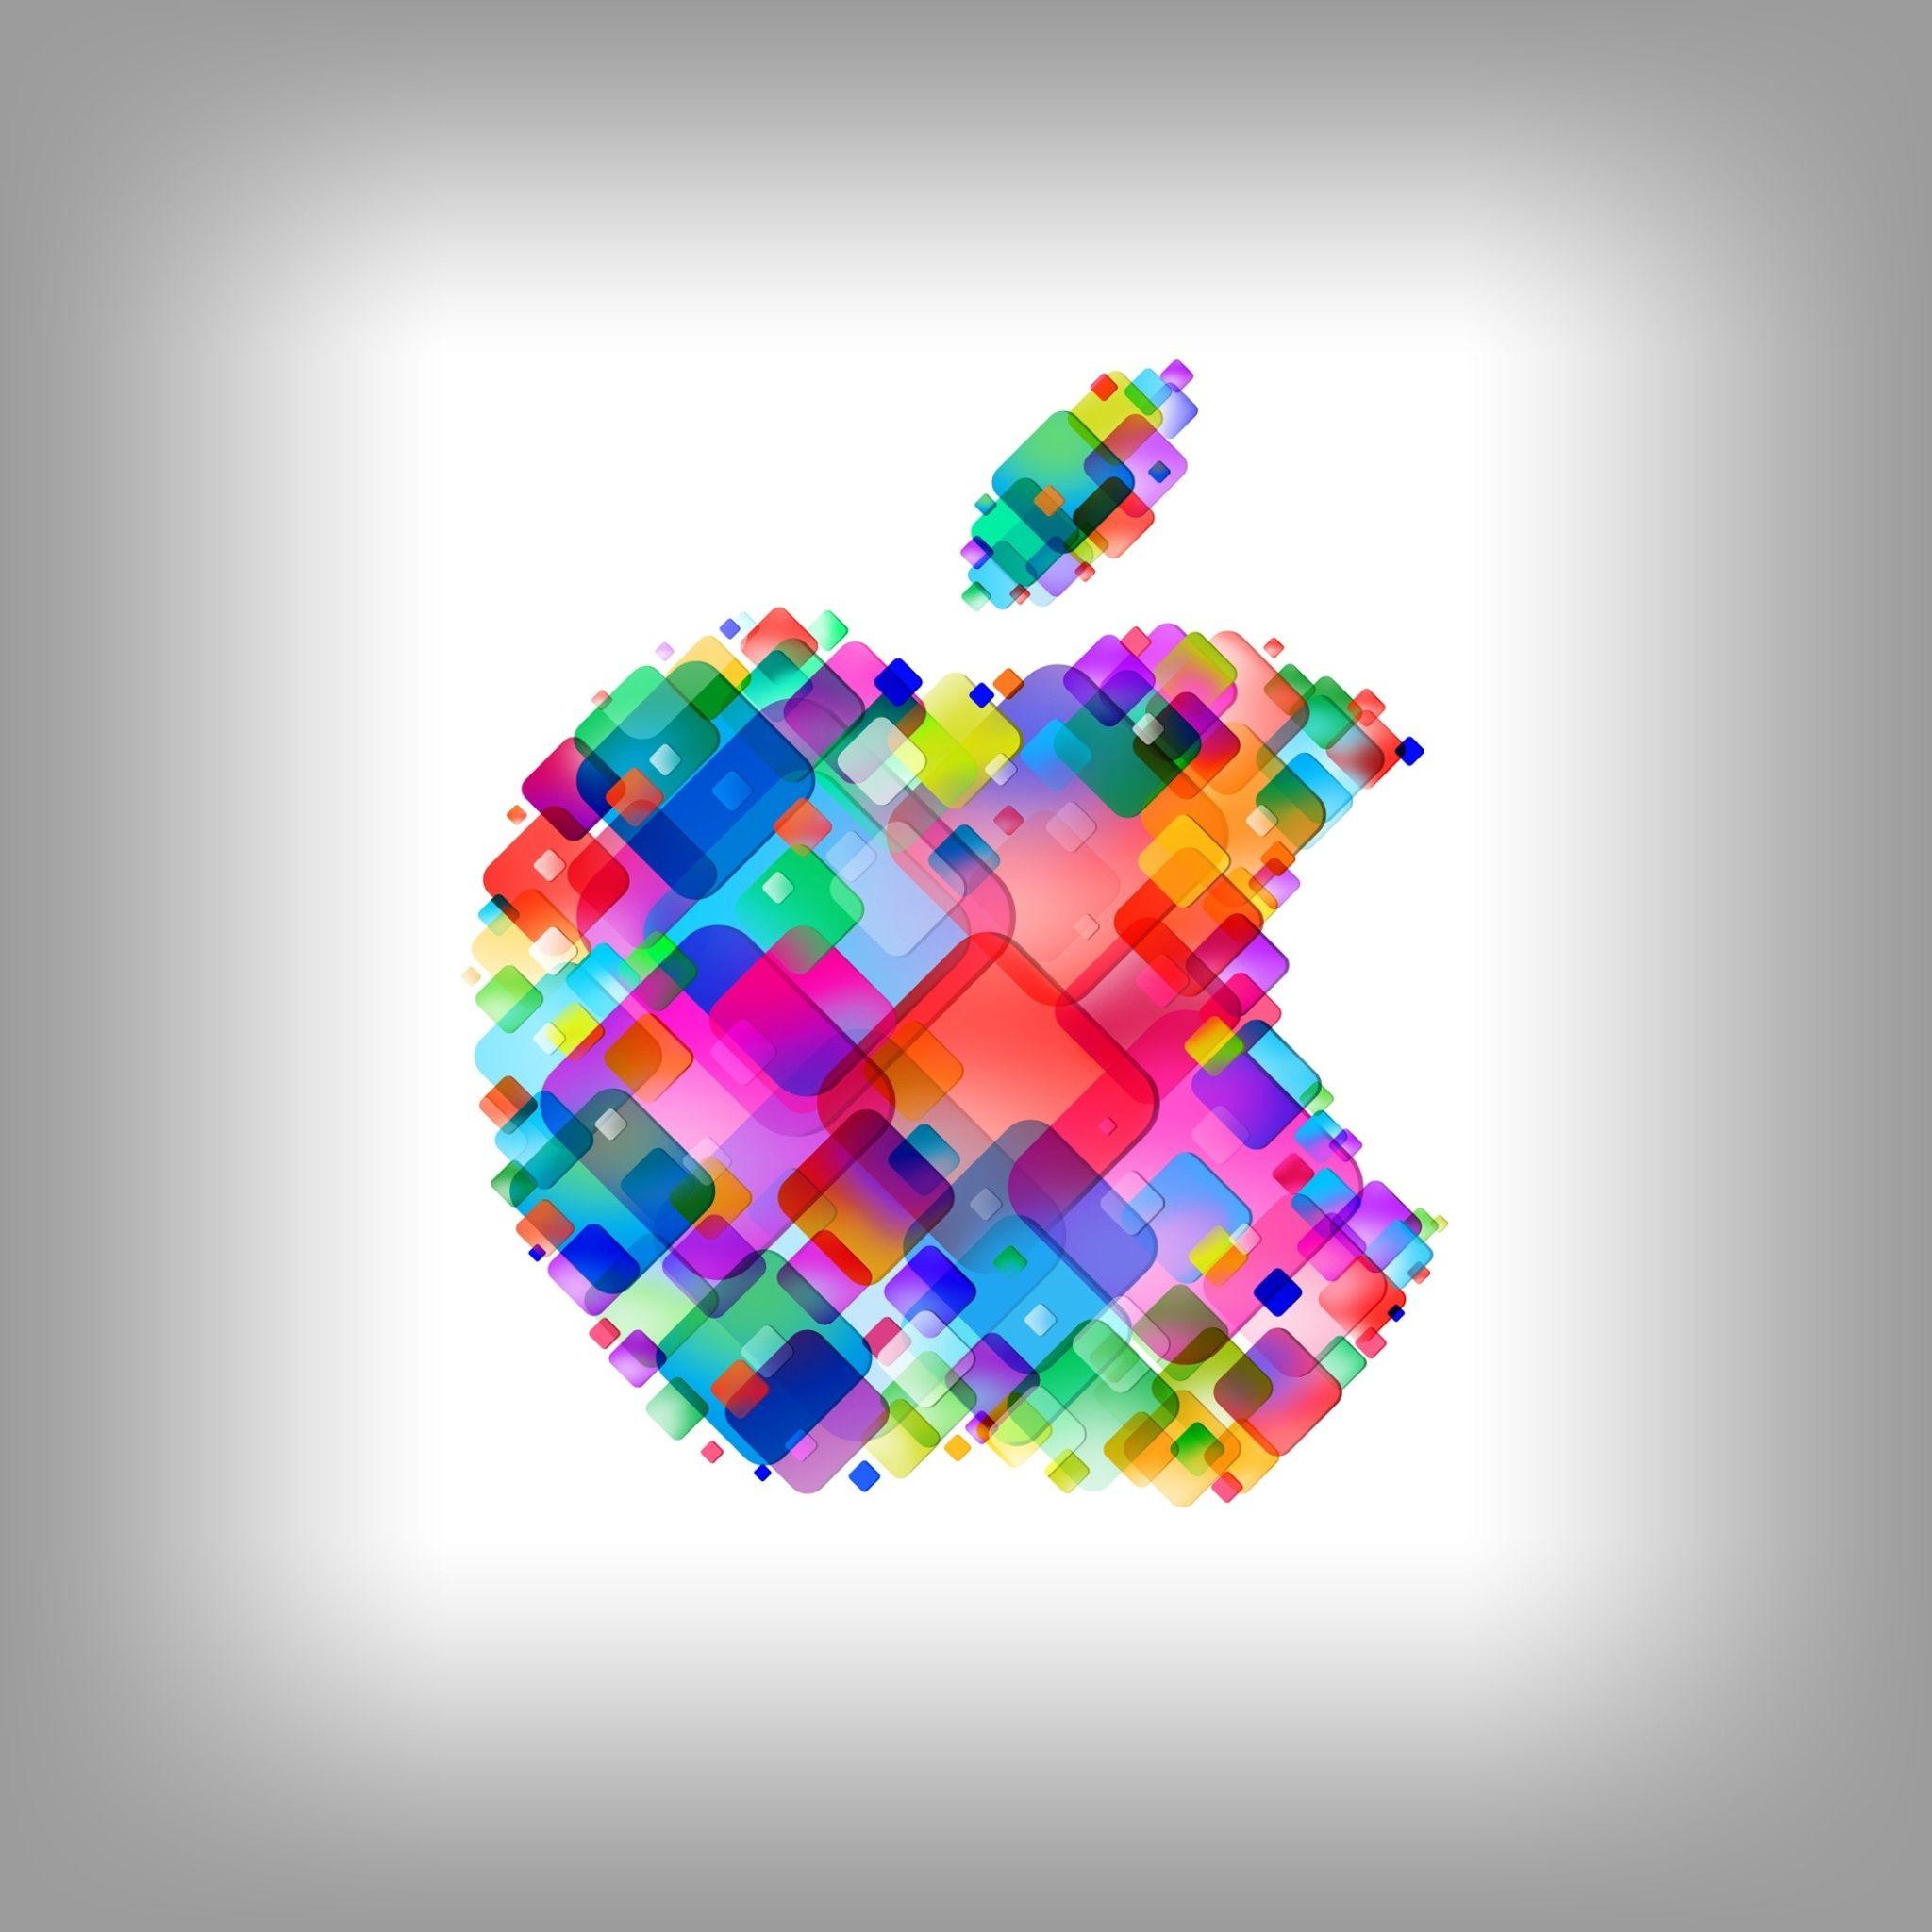 new ipad wallpaper hd 20482048 1727Techbeasts Techbeasts 2048x2048